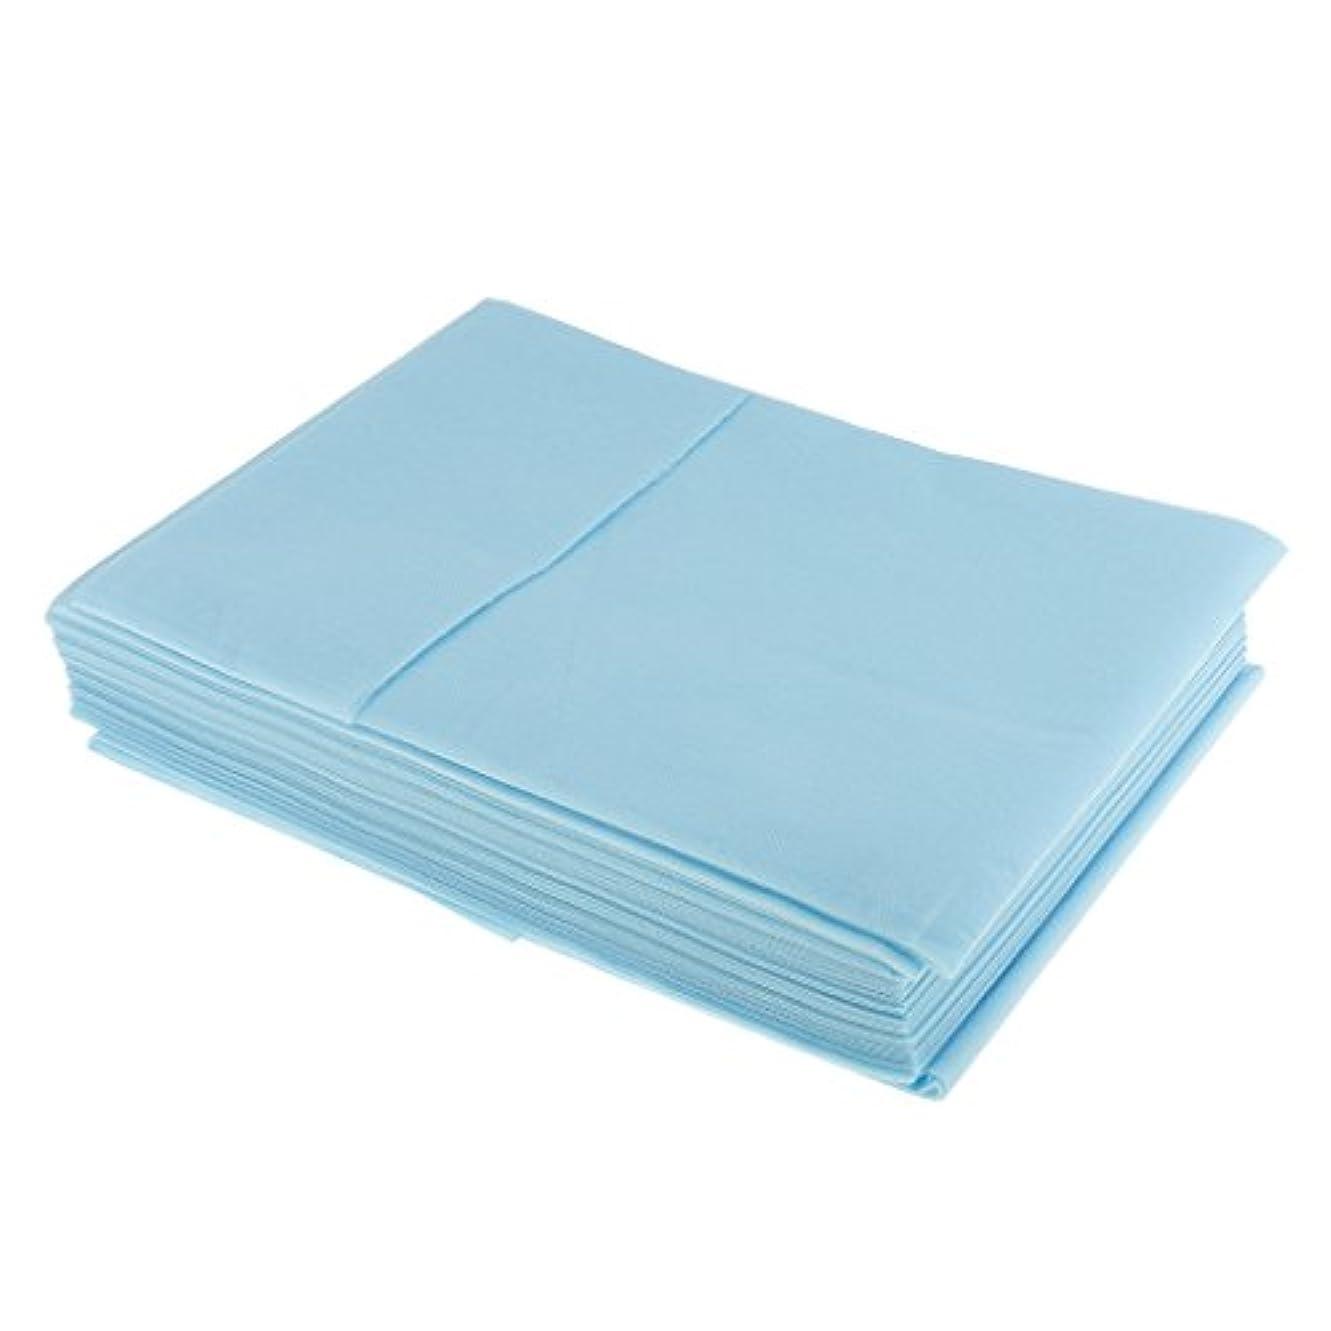 がっかりしたバレーボール仮定、想定。推測Kesoto 10枚入り 使い捨て 美容室/マッサージ/サロン/ホテル ベッドパッド 旅行用 衛生シート 全3色選べ - 青